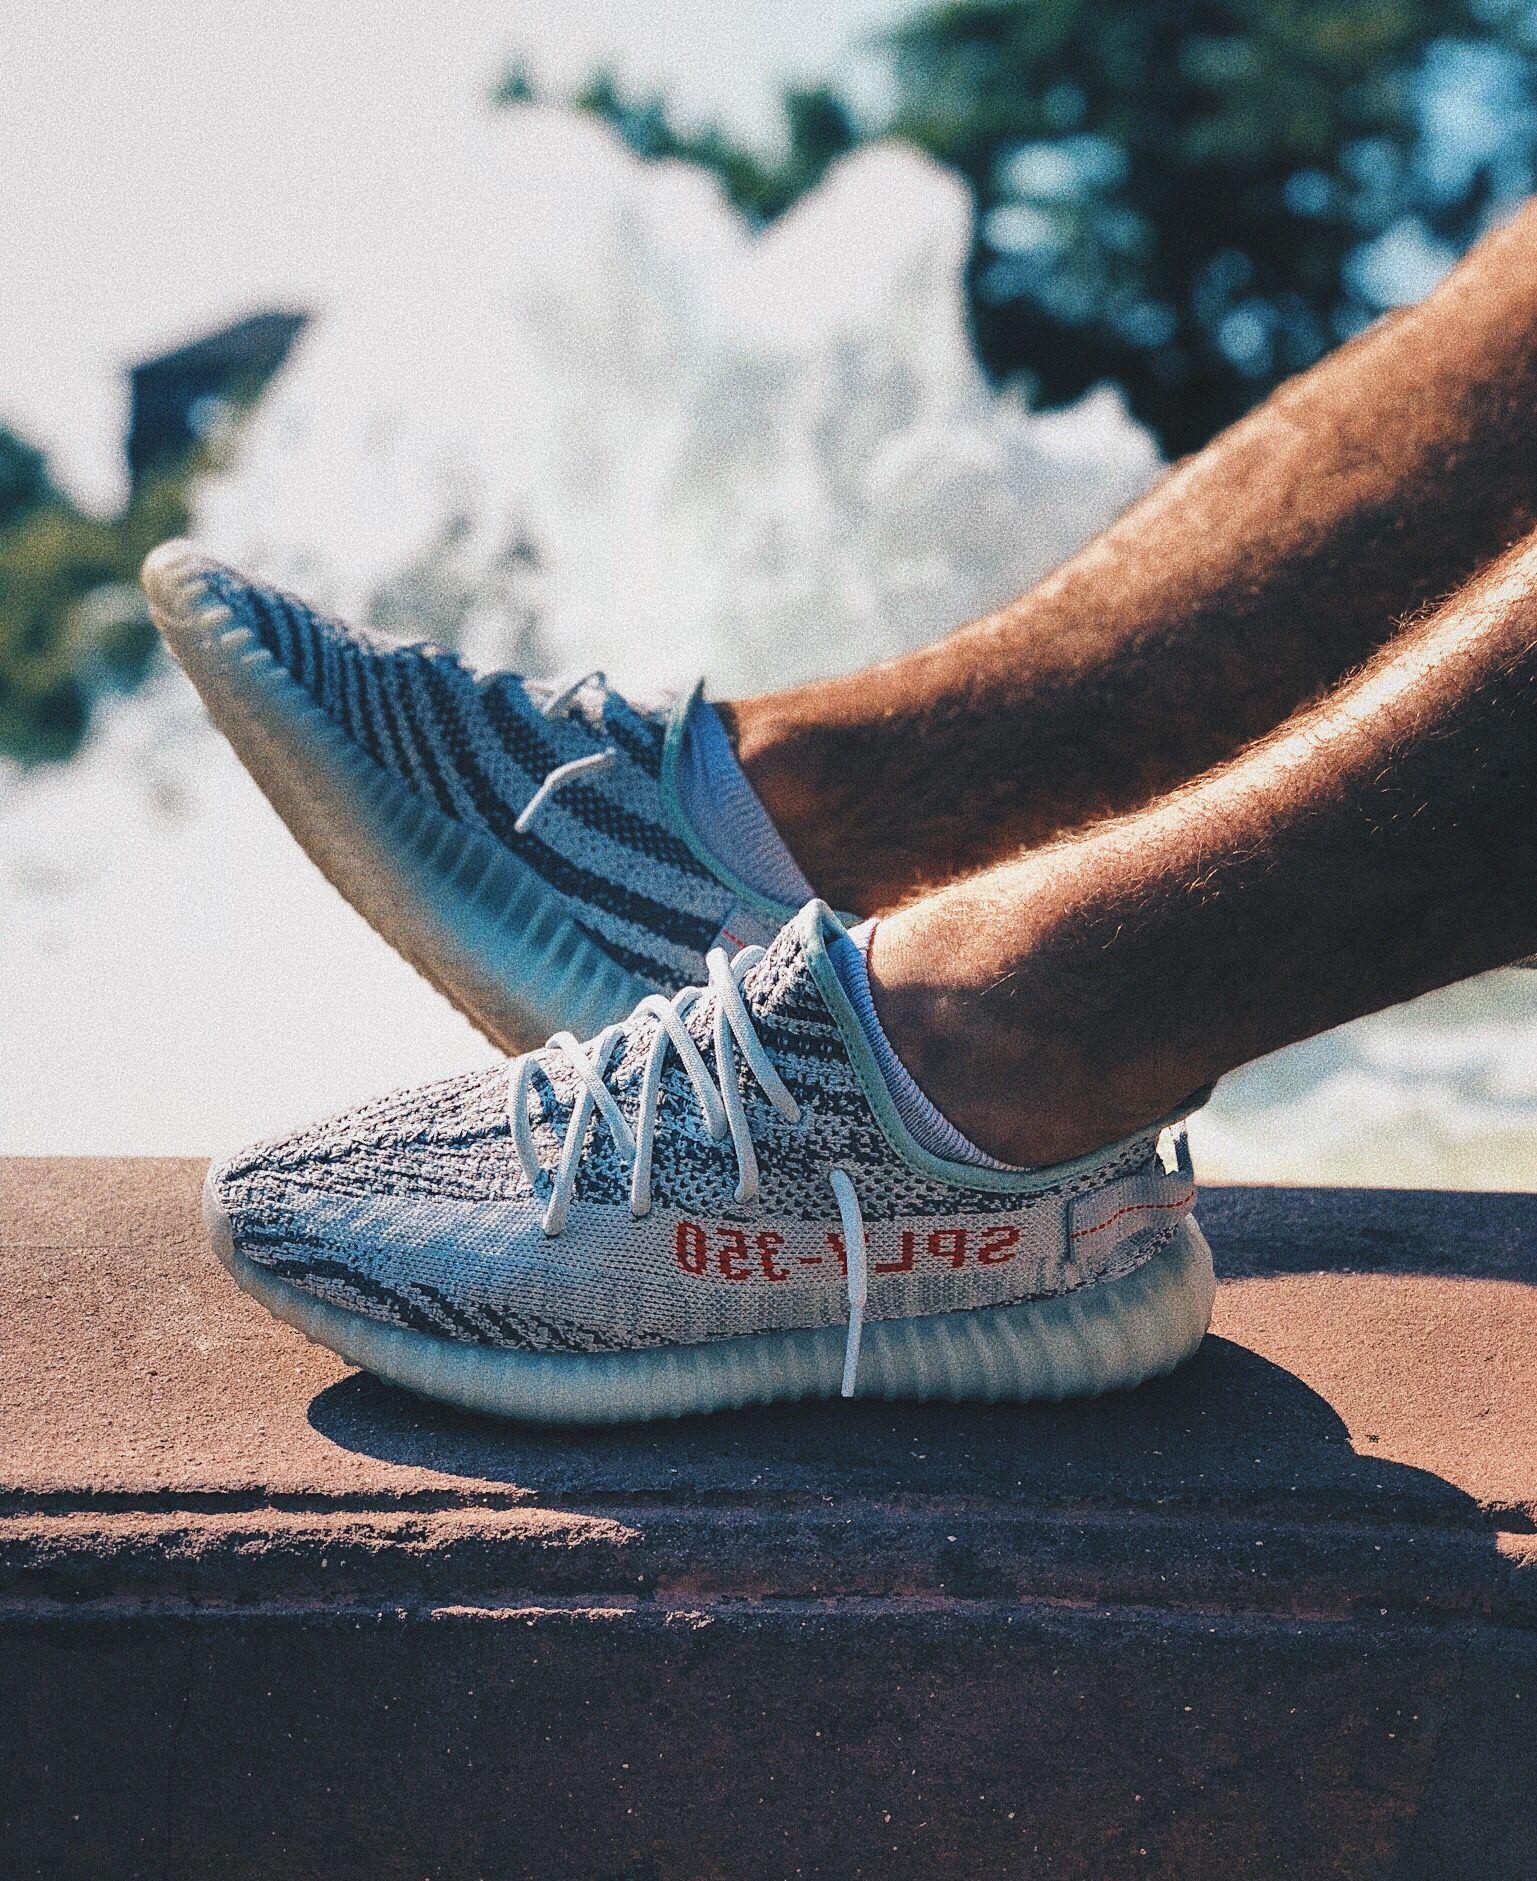 preisgünstig Adidas Yeezy Boost 350 V2 Blau Tint,reasonable